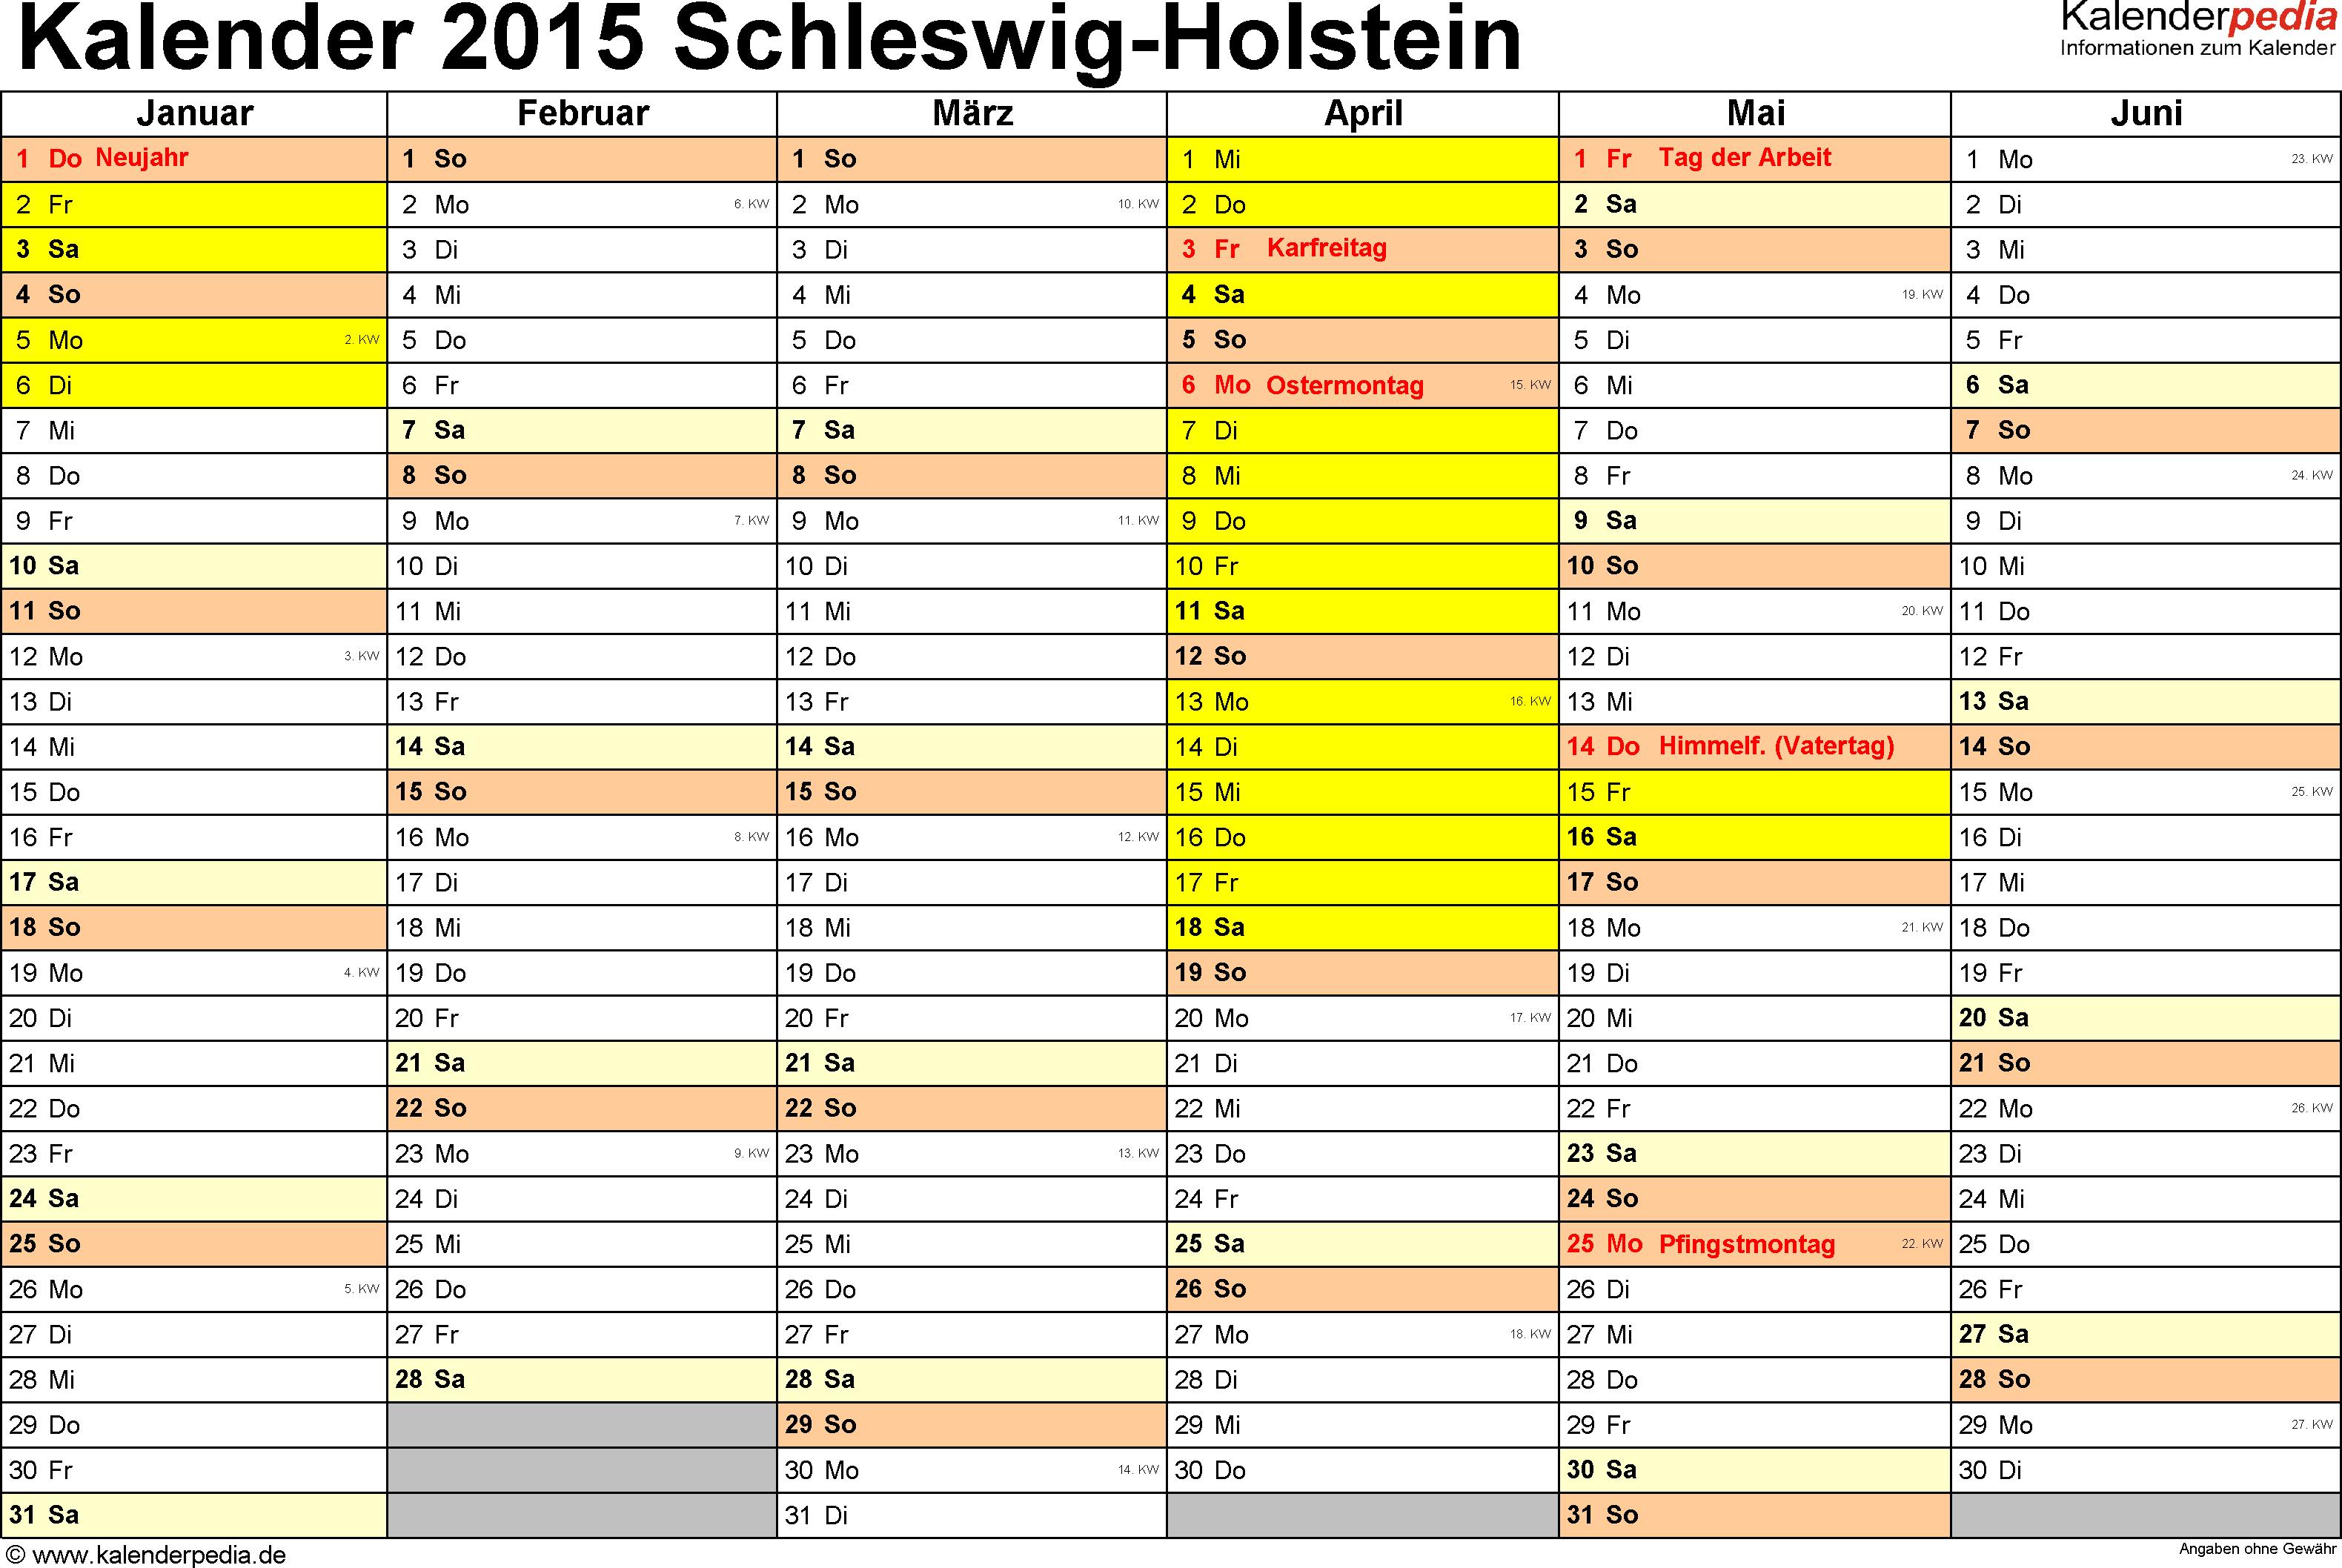 Vorlage 2: Kalender 2015 für Schleswig-Holstein als Word-Vorlage (Querformat, 2 Seiten)